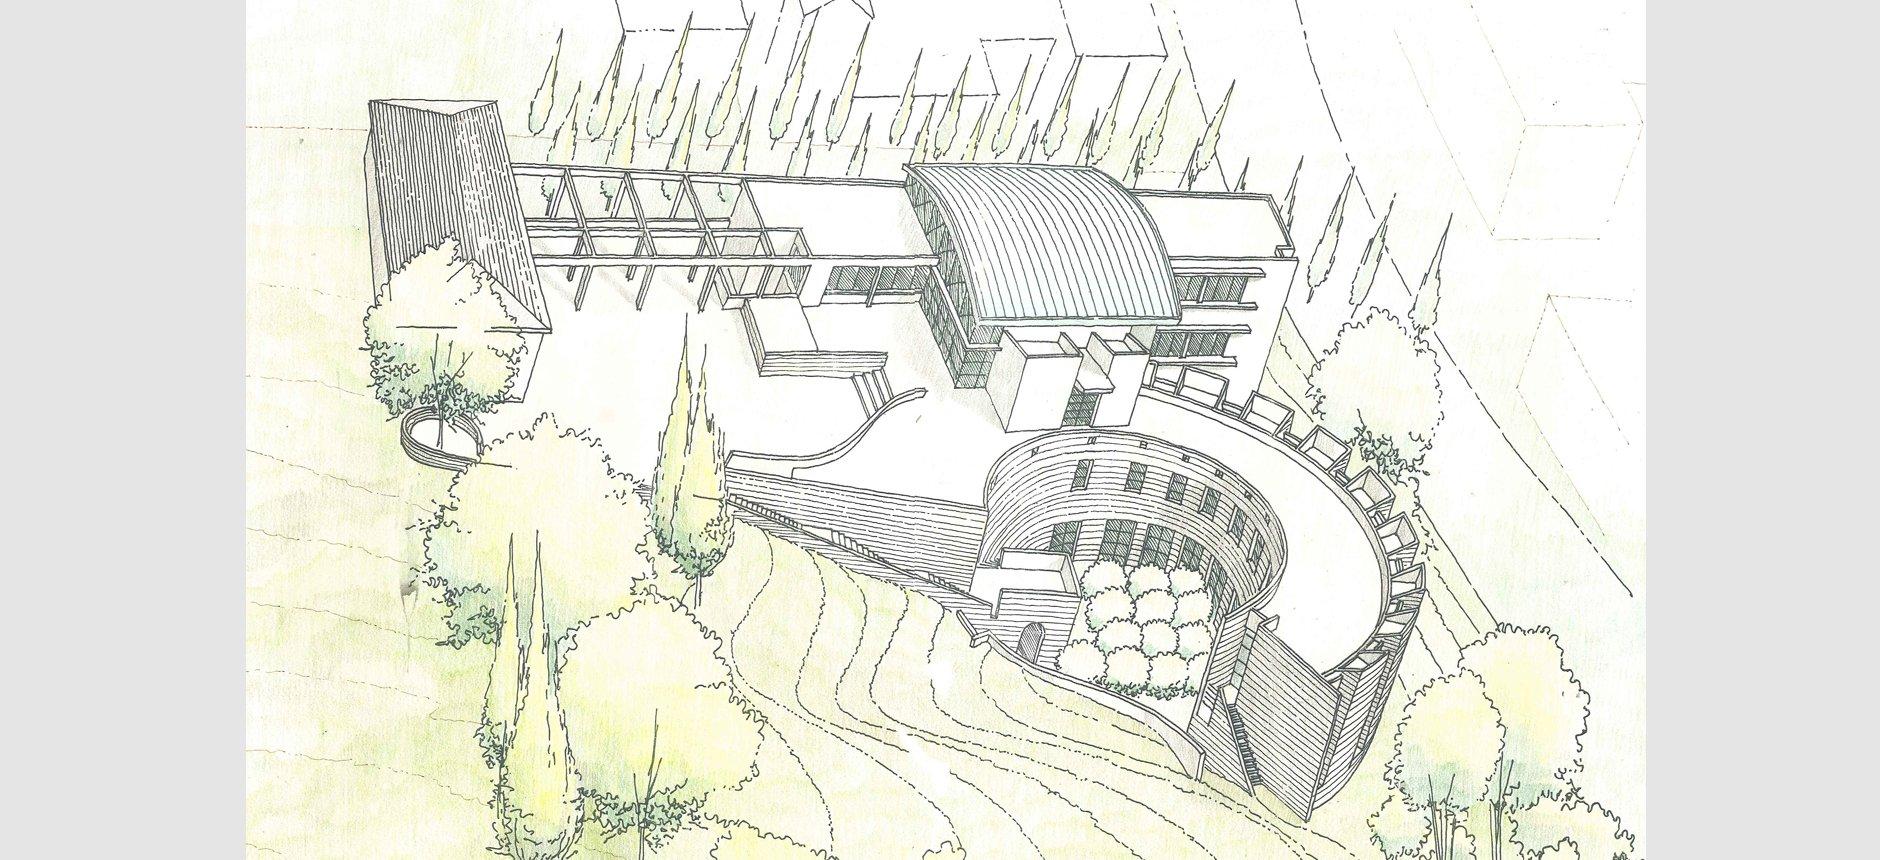 אקדמיה-מכללה-מבנה ציבור-משרדי סגל.